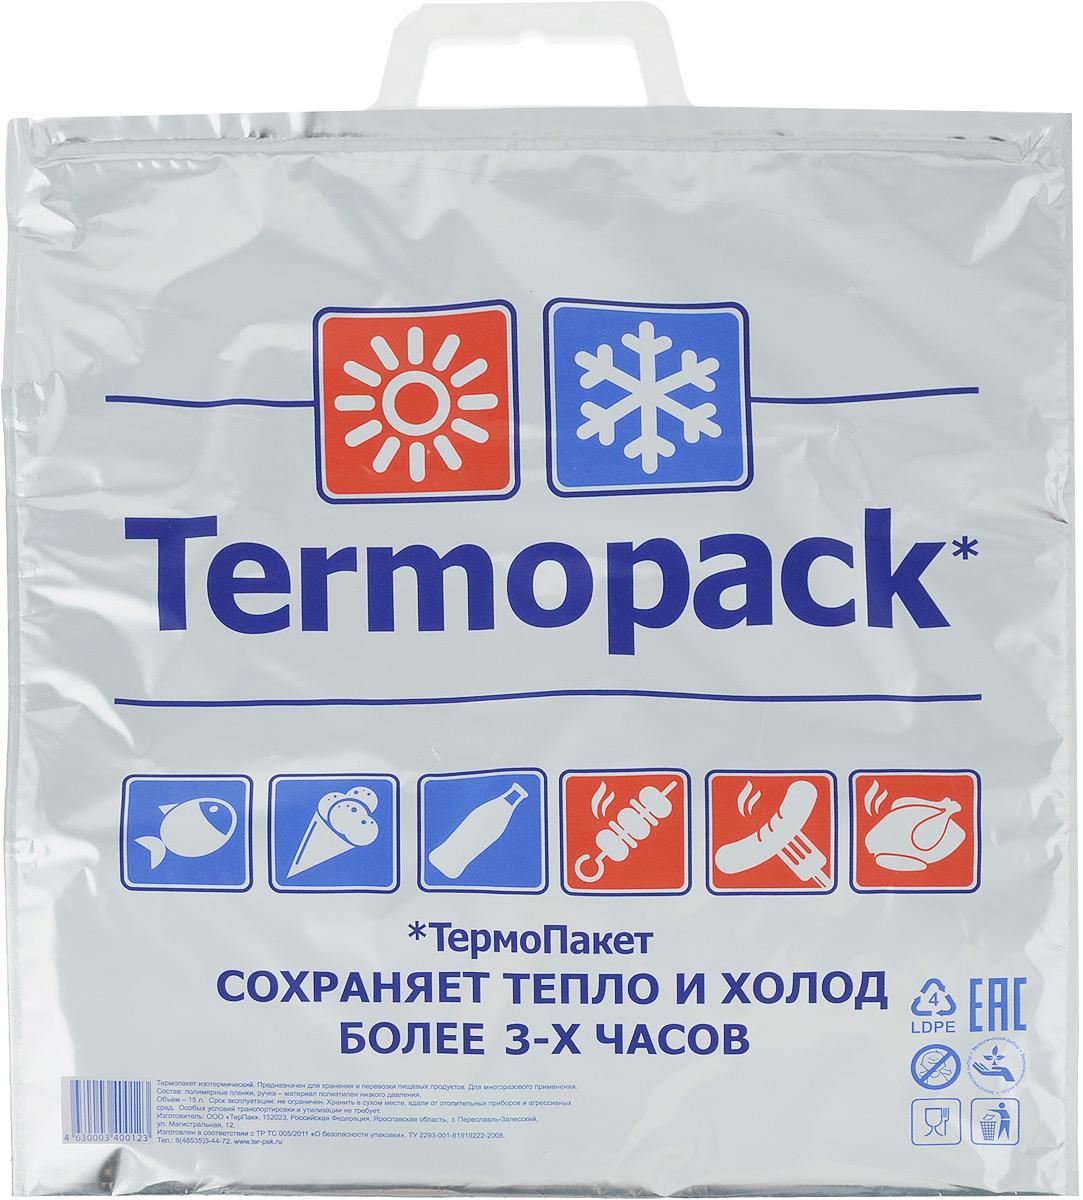 Термопакет ТерПак, цвет: серебристый, 42 х 45 смСПП19429Удобный и практичный термопакет ТерПак многоразового использования изнутри покрыт специальным отражающим материалом и создан для того, чтобы как можно дольше сохранить еду свежей. Пакет предназначен для транспортировки и хранения горячих/холодных продуктов.Пакет сохраняет тепло и холод до трех часов. Надежные пластиковые застежки удобны в использовании, позволяют быстро закрыть пакет и не дадут ему случайно открыться. Размер: 41 см х 45 см.Объем: 15 л.